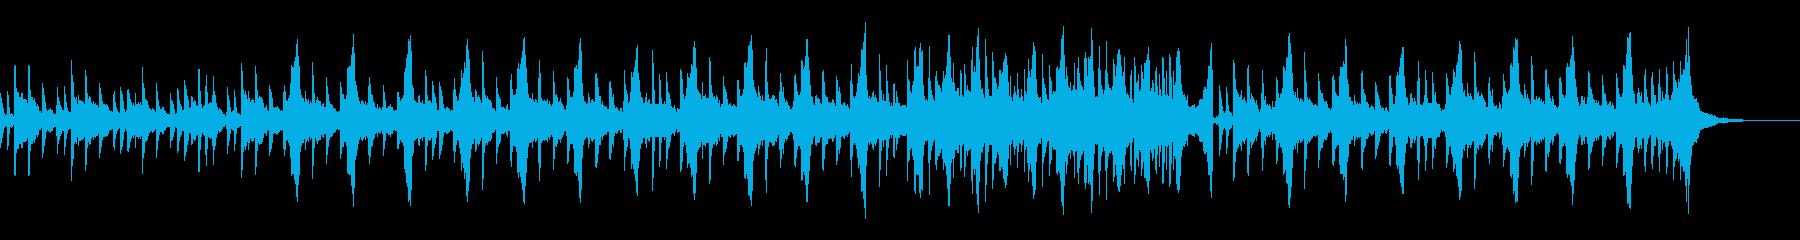 ゆったり切ない感動系ピアノバラード映像の再生済みの波形